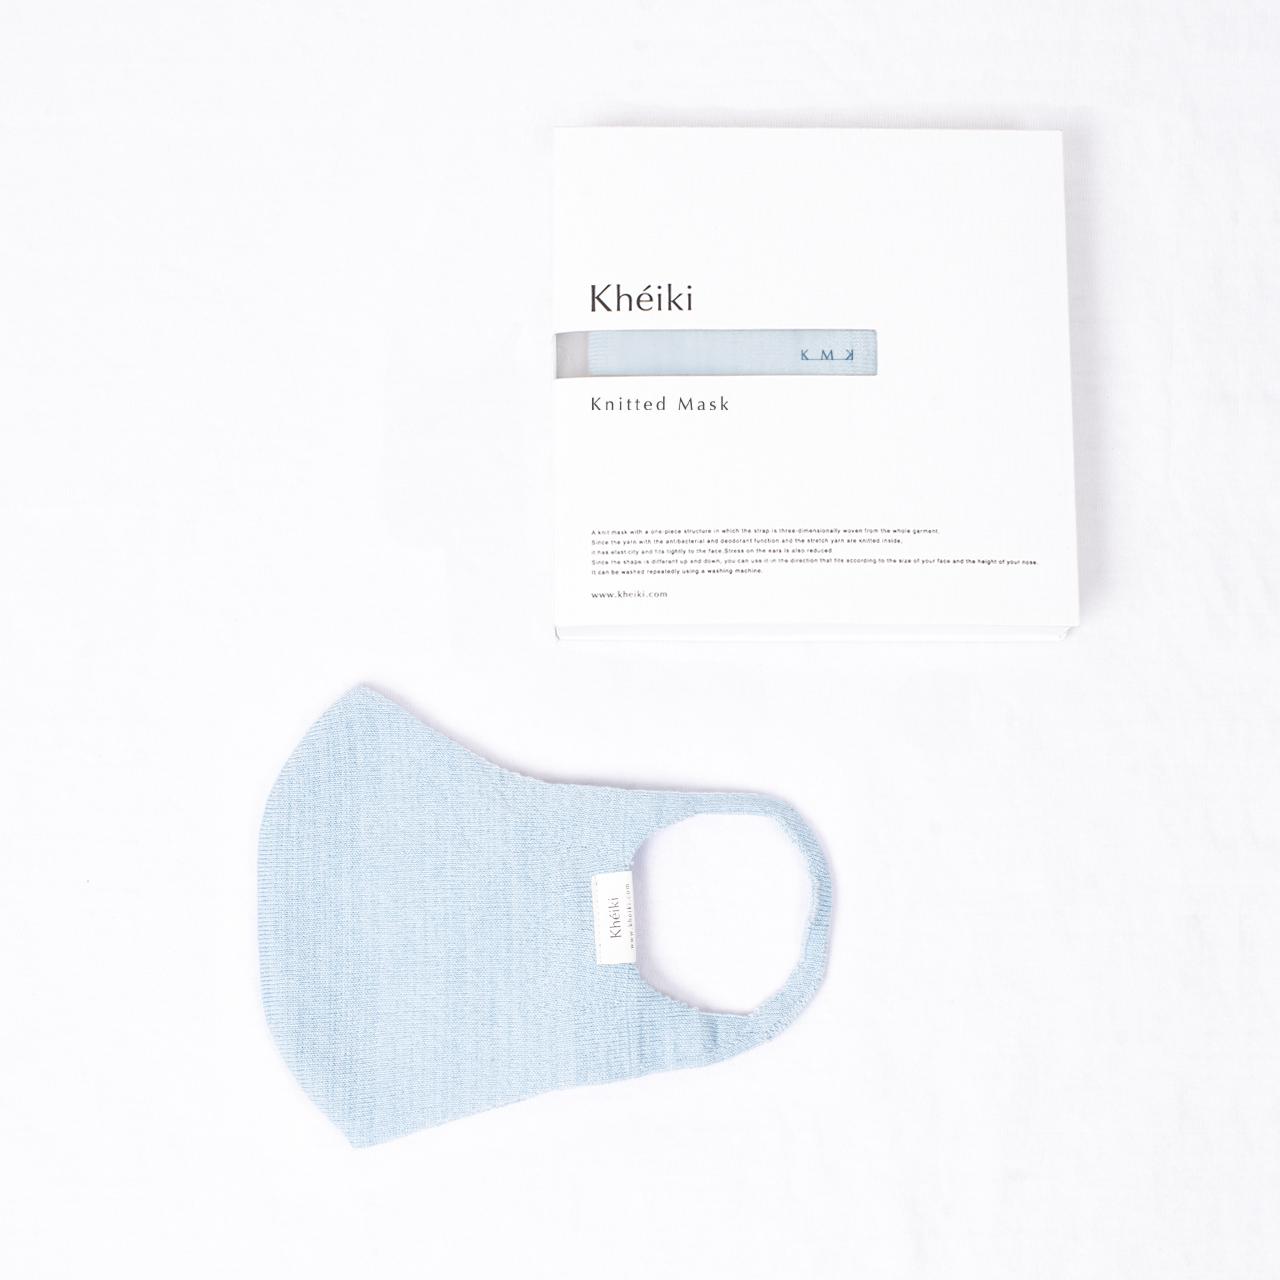 Knitted Mask 2pcs Set / KMK / Mercerized Long Staple Cotton / #Aqua